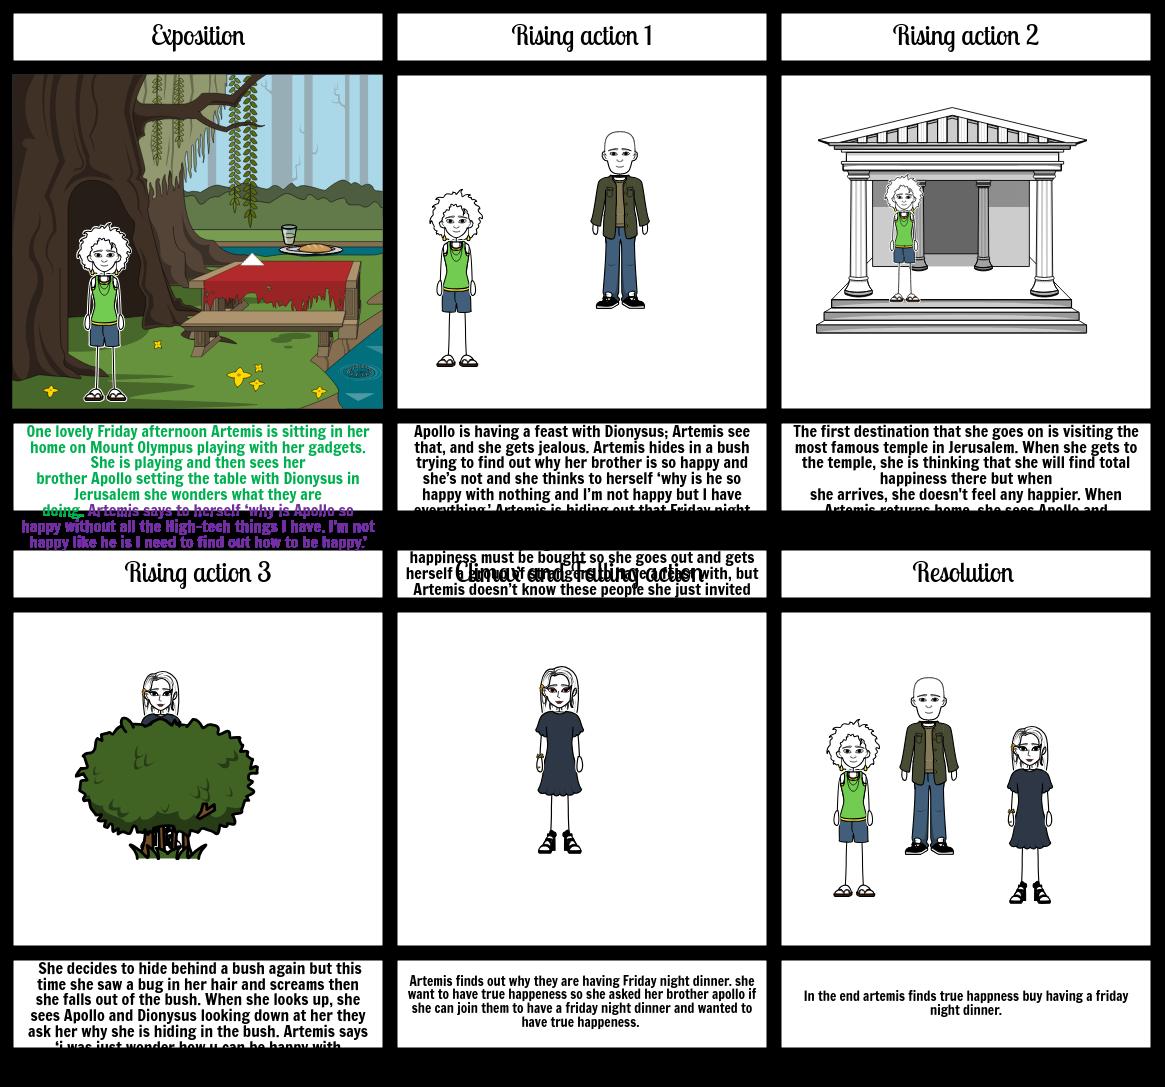 myth Storyboard by n392332